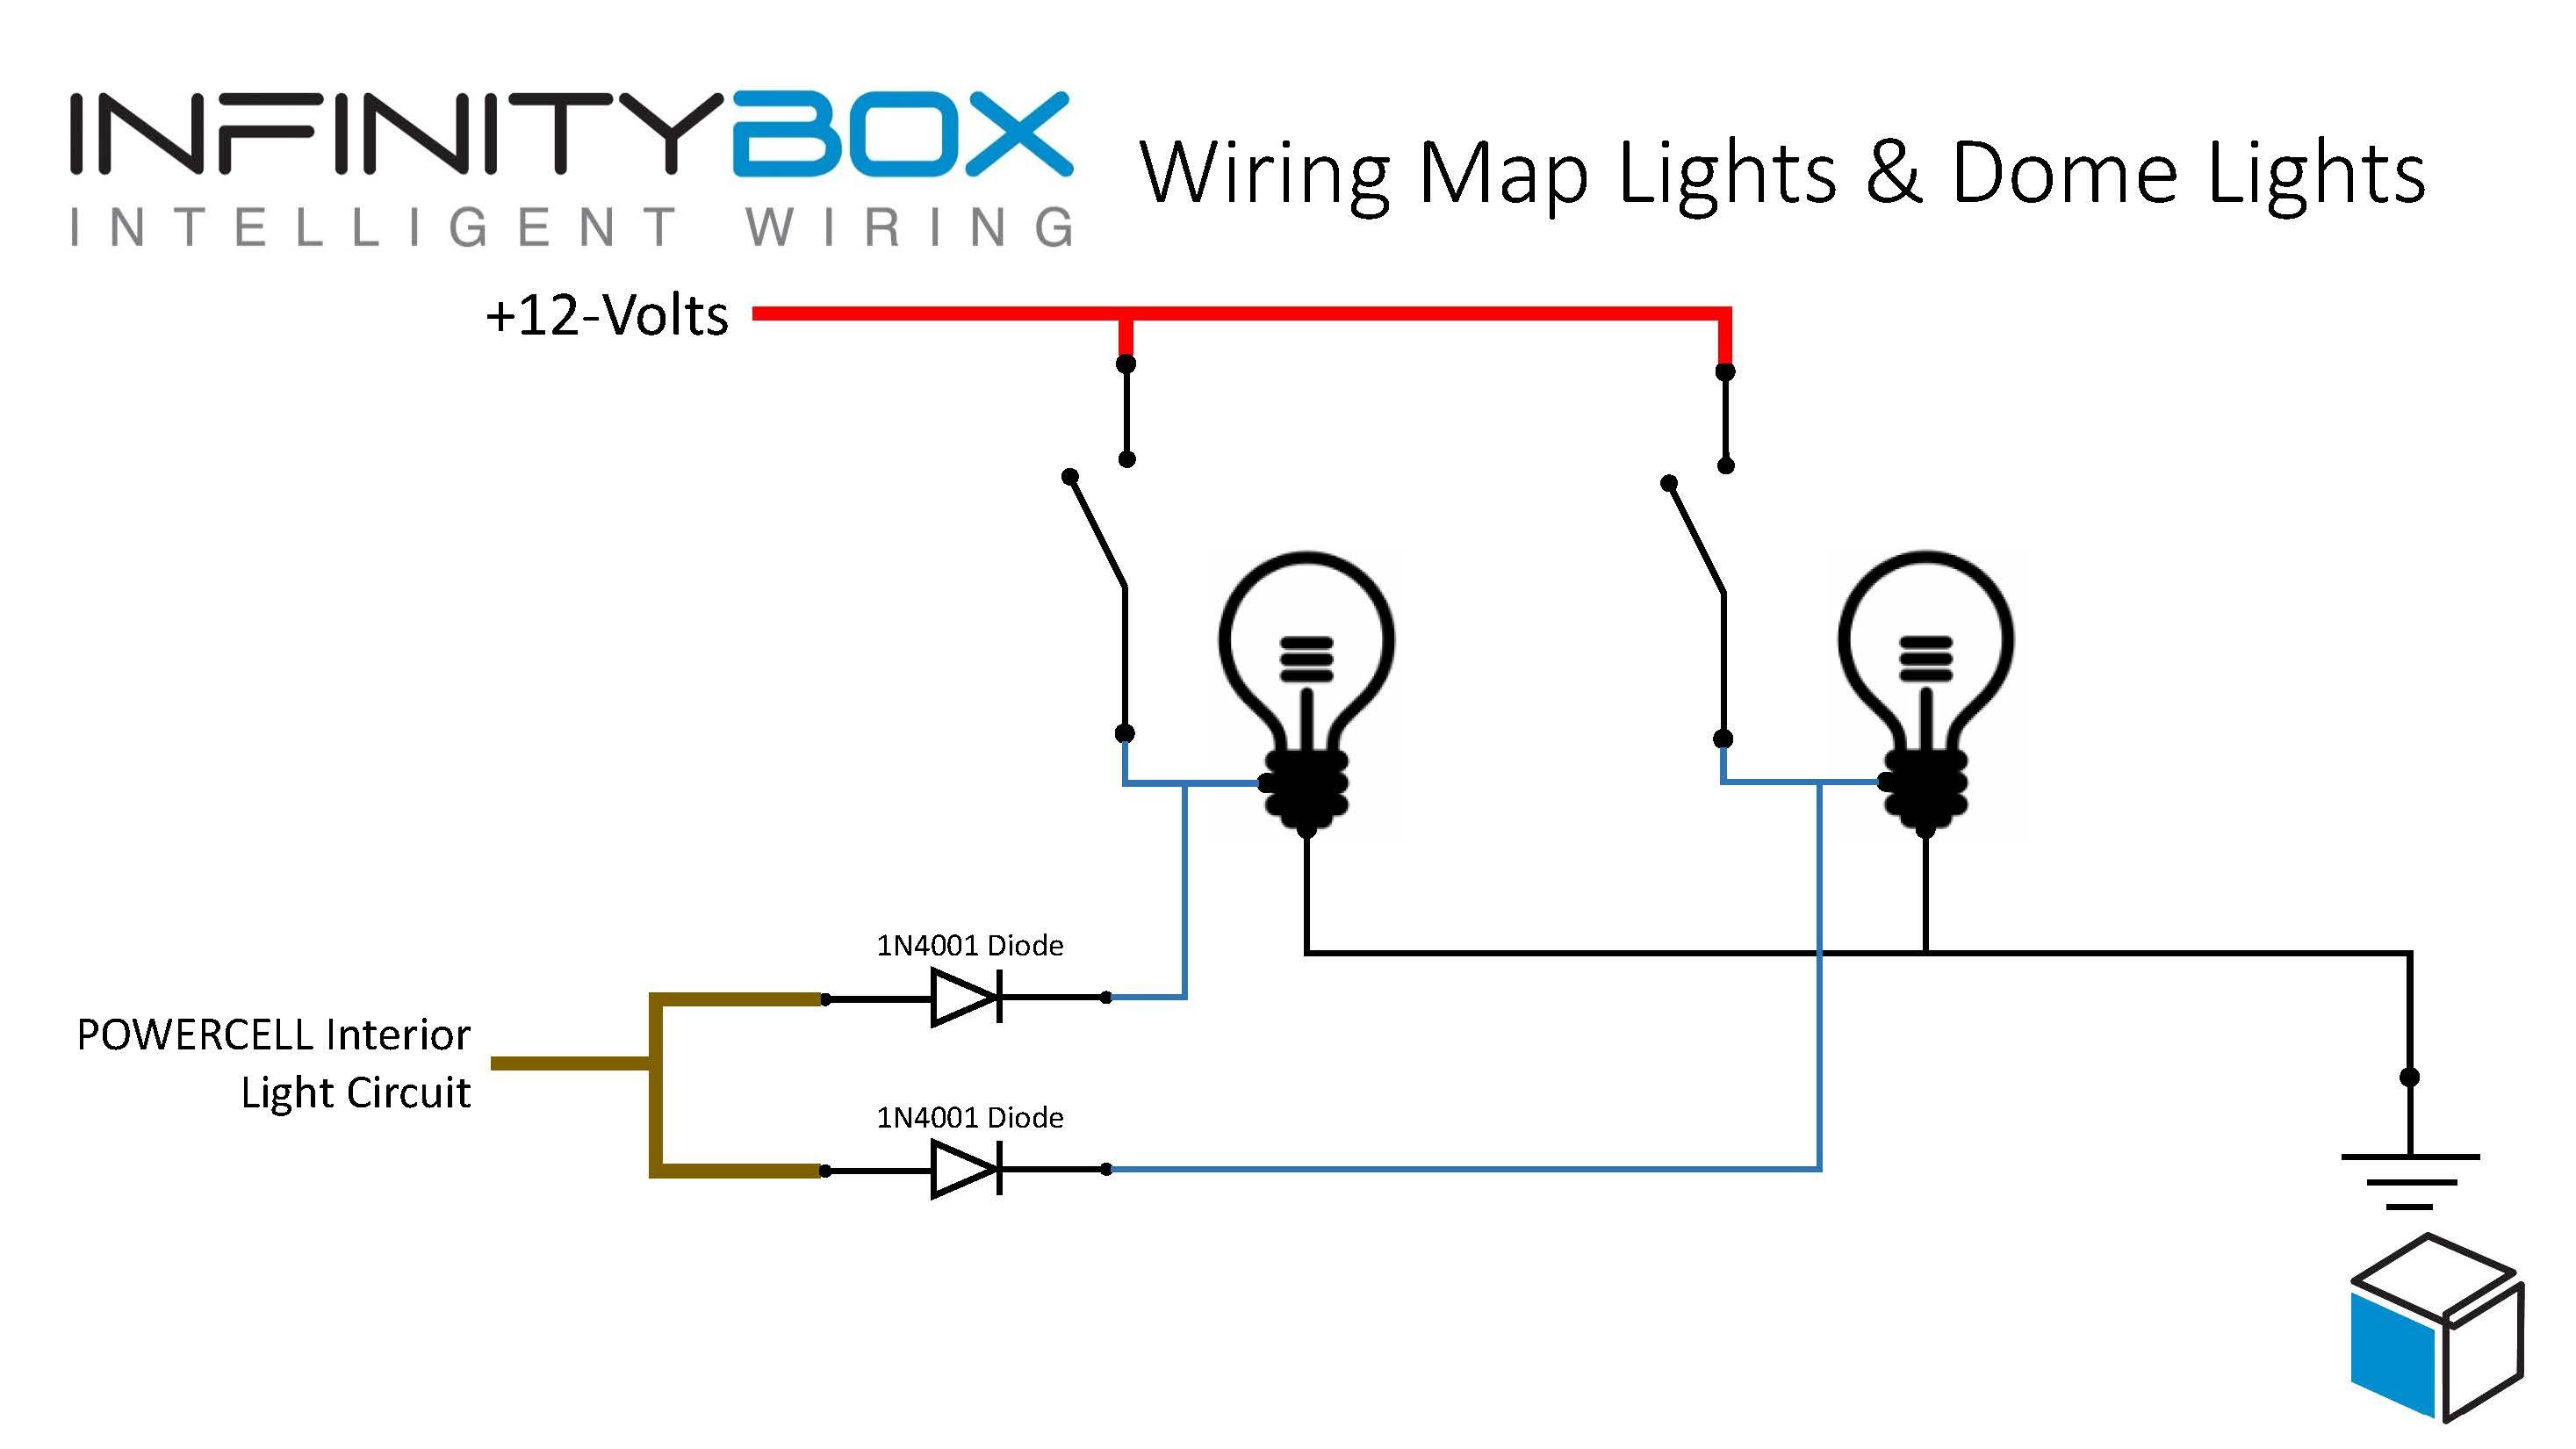 club car light wiring diagram ma 0175  club car precedent light kit wiring diagram free diagram club car precedent light wiring diagram 48 volt club car precedent light kit wiring